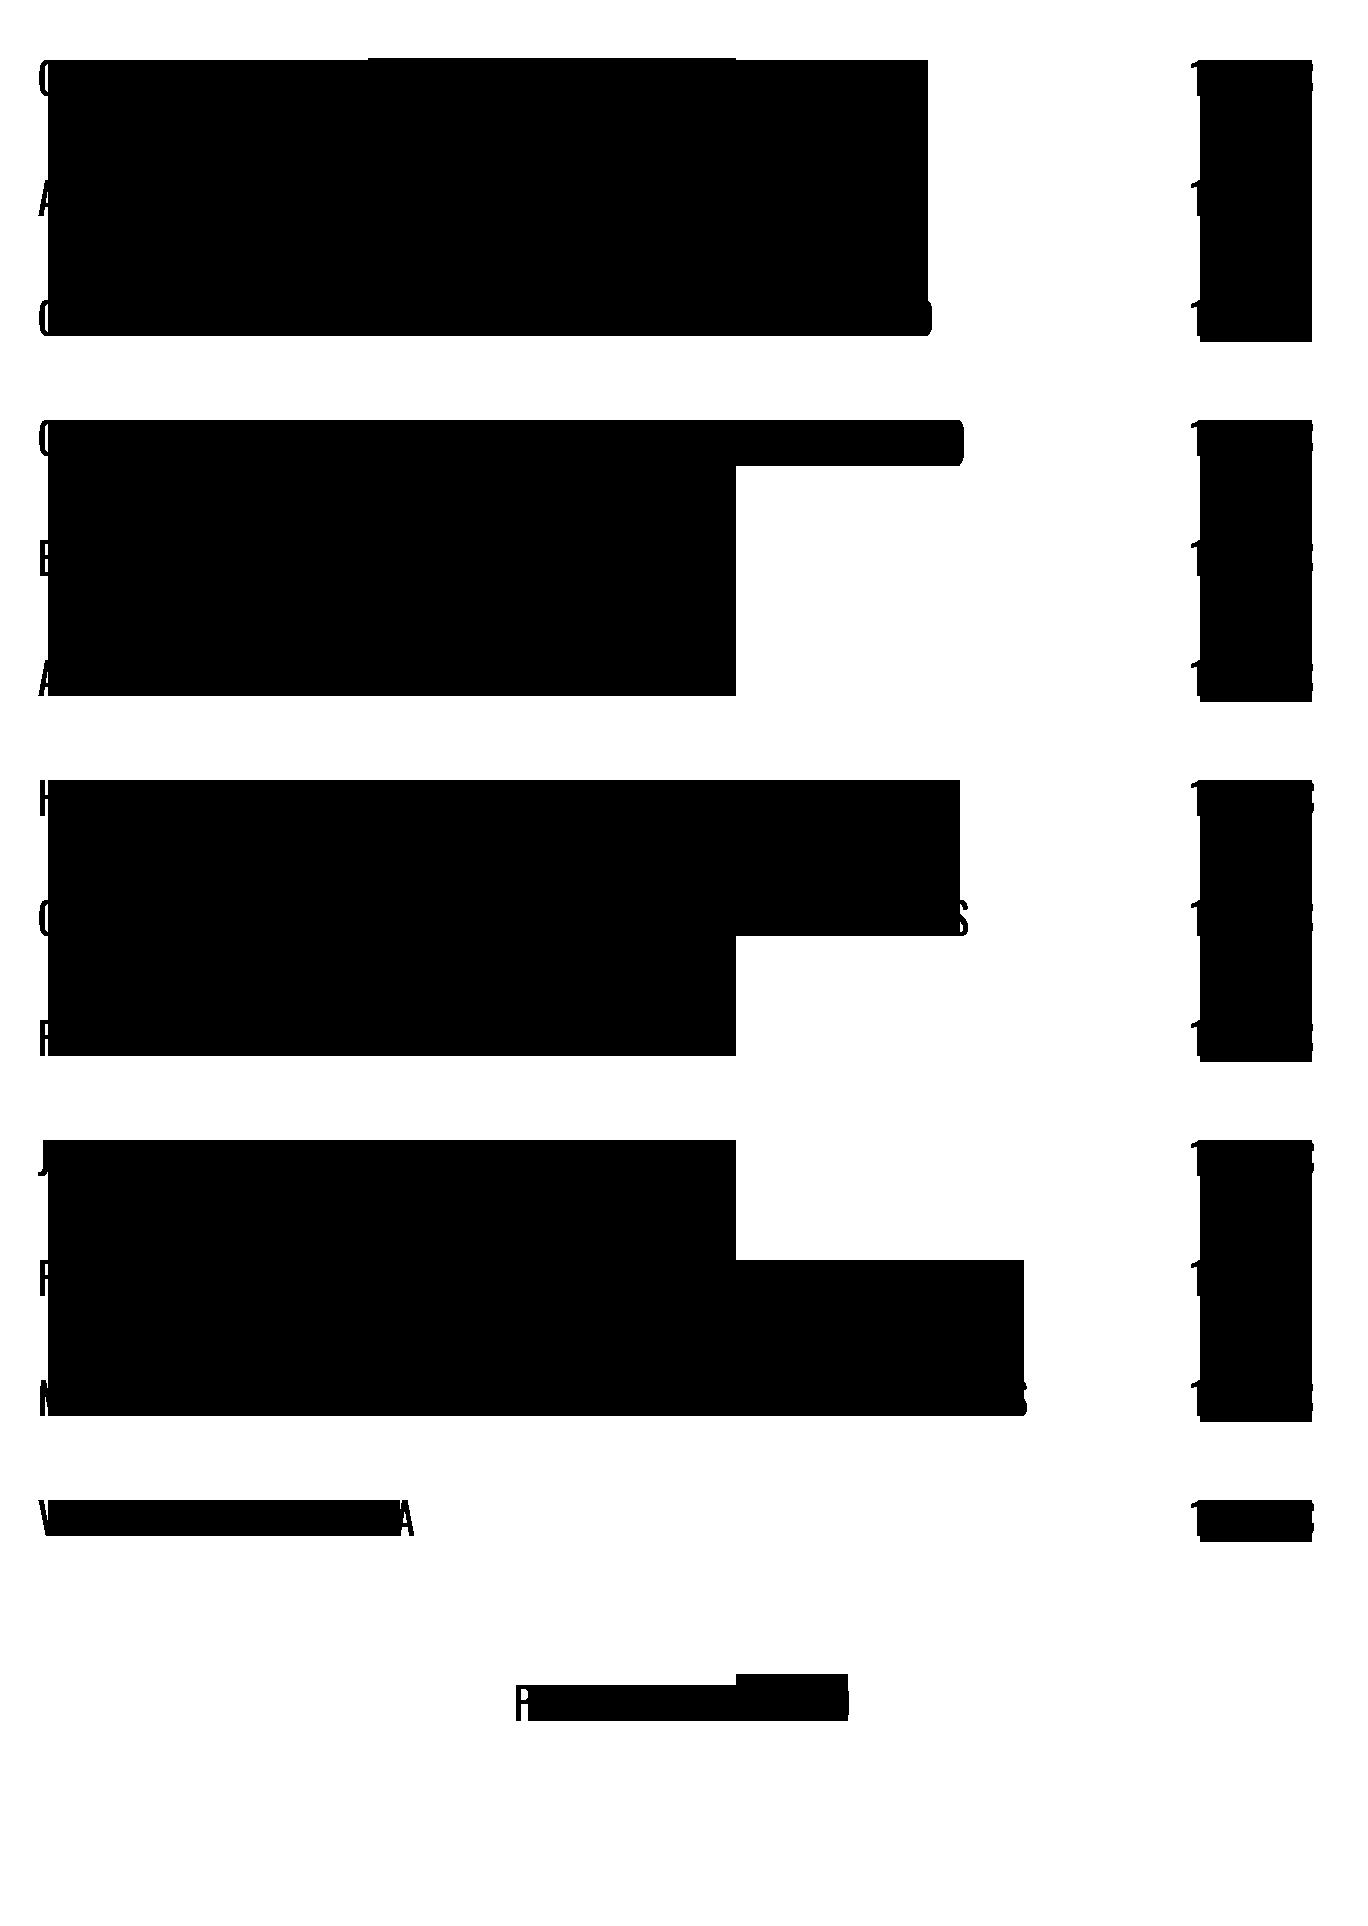 2.-ENTRANTES-CALIENTES